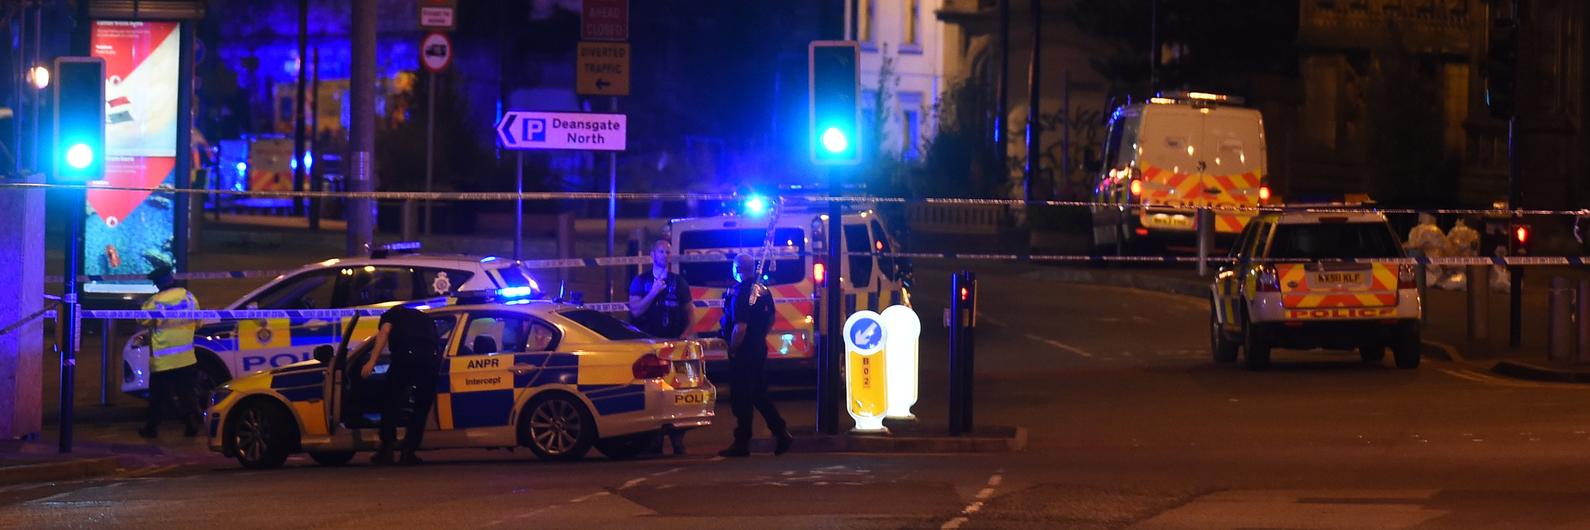 Atentado terrorista em concerto de Ariana Grande faz 19 mortos e mais de 50 feridos